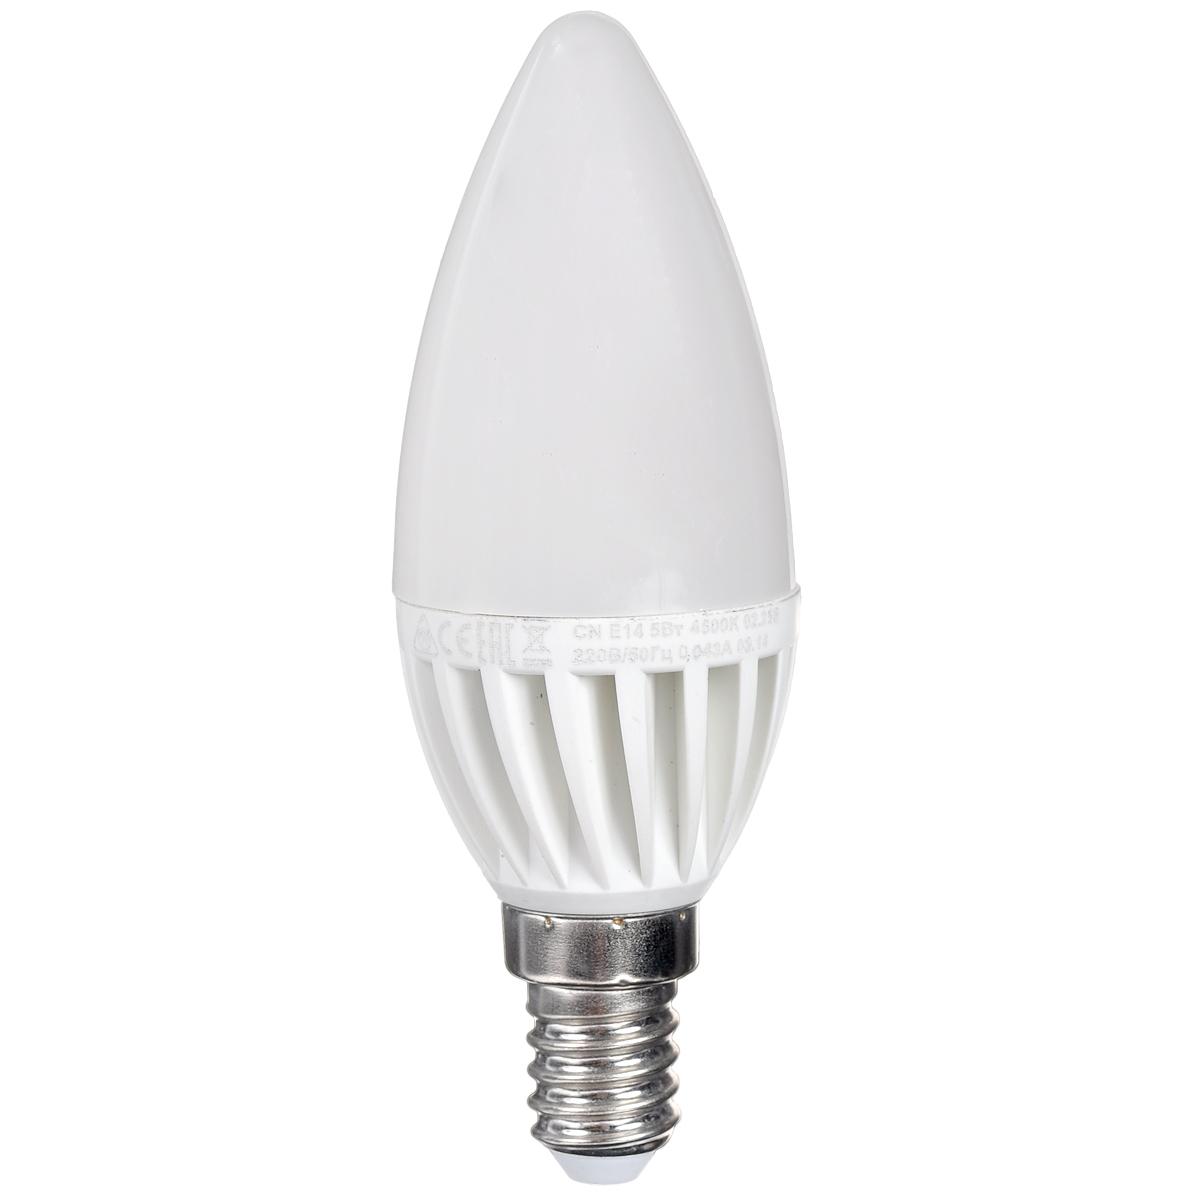 Светодиодная лампа Kosmos, белый свет, цоколь E14, 5W, 220V. Lksm_LED5wCNE1445Lksm_LED5wCNE1445КОСМОС LED CN 5Вт 220В E14 4500K (Lksm LED5wCNE1445) – представитель декоративной серии ламп из световых диодов. Преследует эффективное использование посредством классических люстр и БРА. Лампа сделана из оптимальных комплектующих, способна прослужить 30 тысяч часов. Экономия – до 90% электроэнергии. Цветовой индекс передачи Ra составляет >80. Заменяет ЛОН на 60W.Уважаемые клиенты! Обращаем ваше внимание на возможные изменения в дизайне упаковки. Качественные характеристики товара остаются неизменными. Поставка осуществляется в зависимости от наличия на складе.